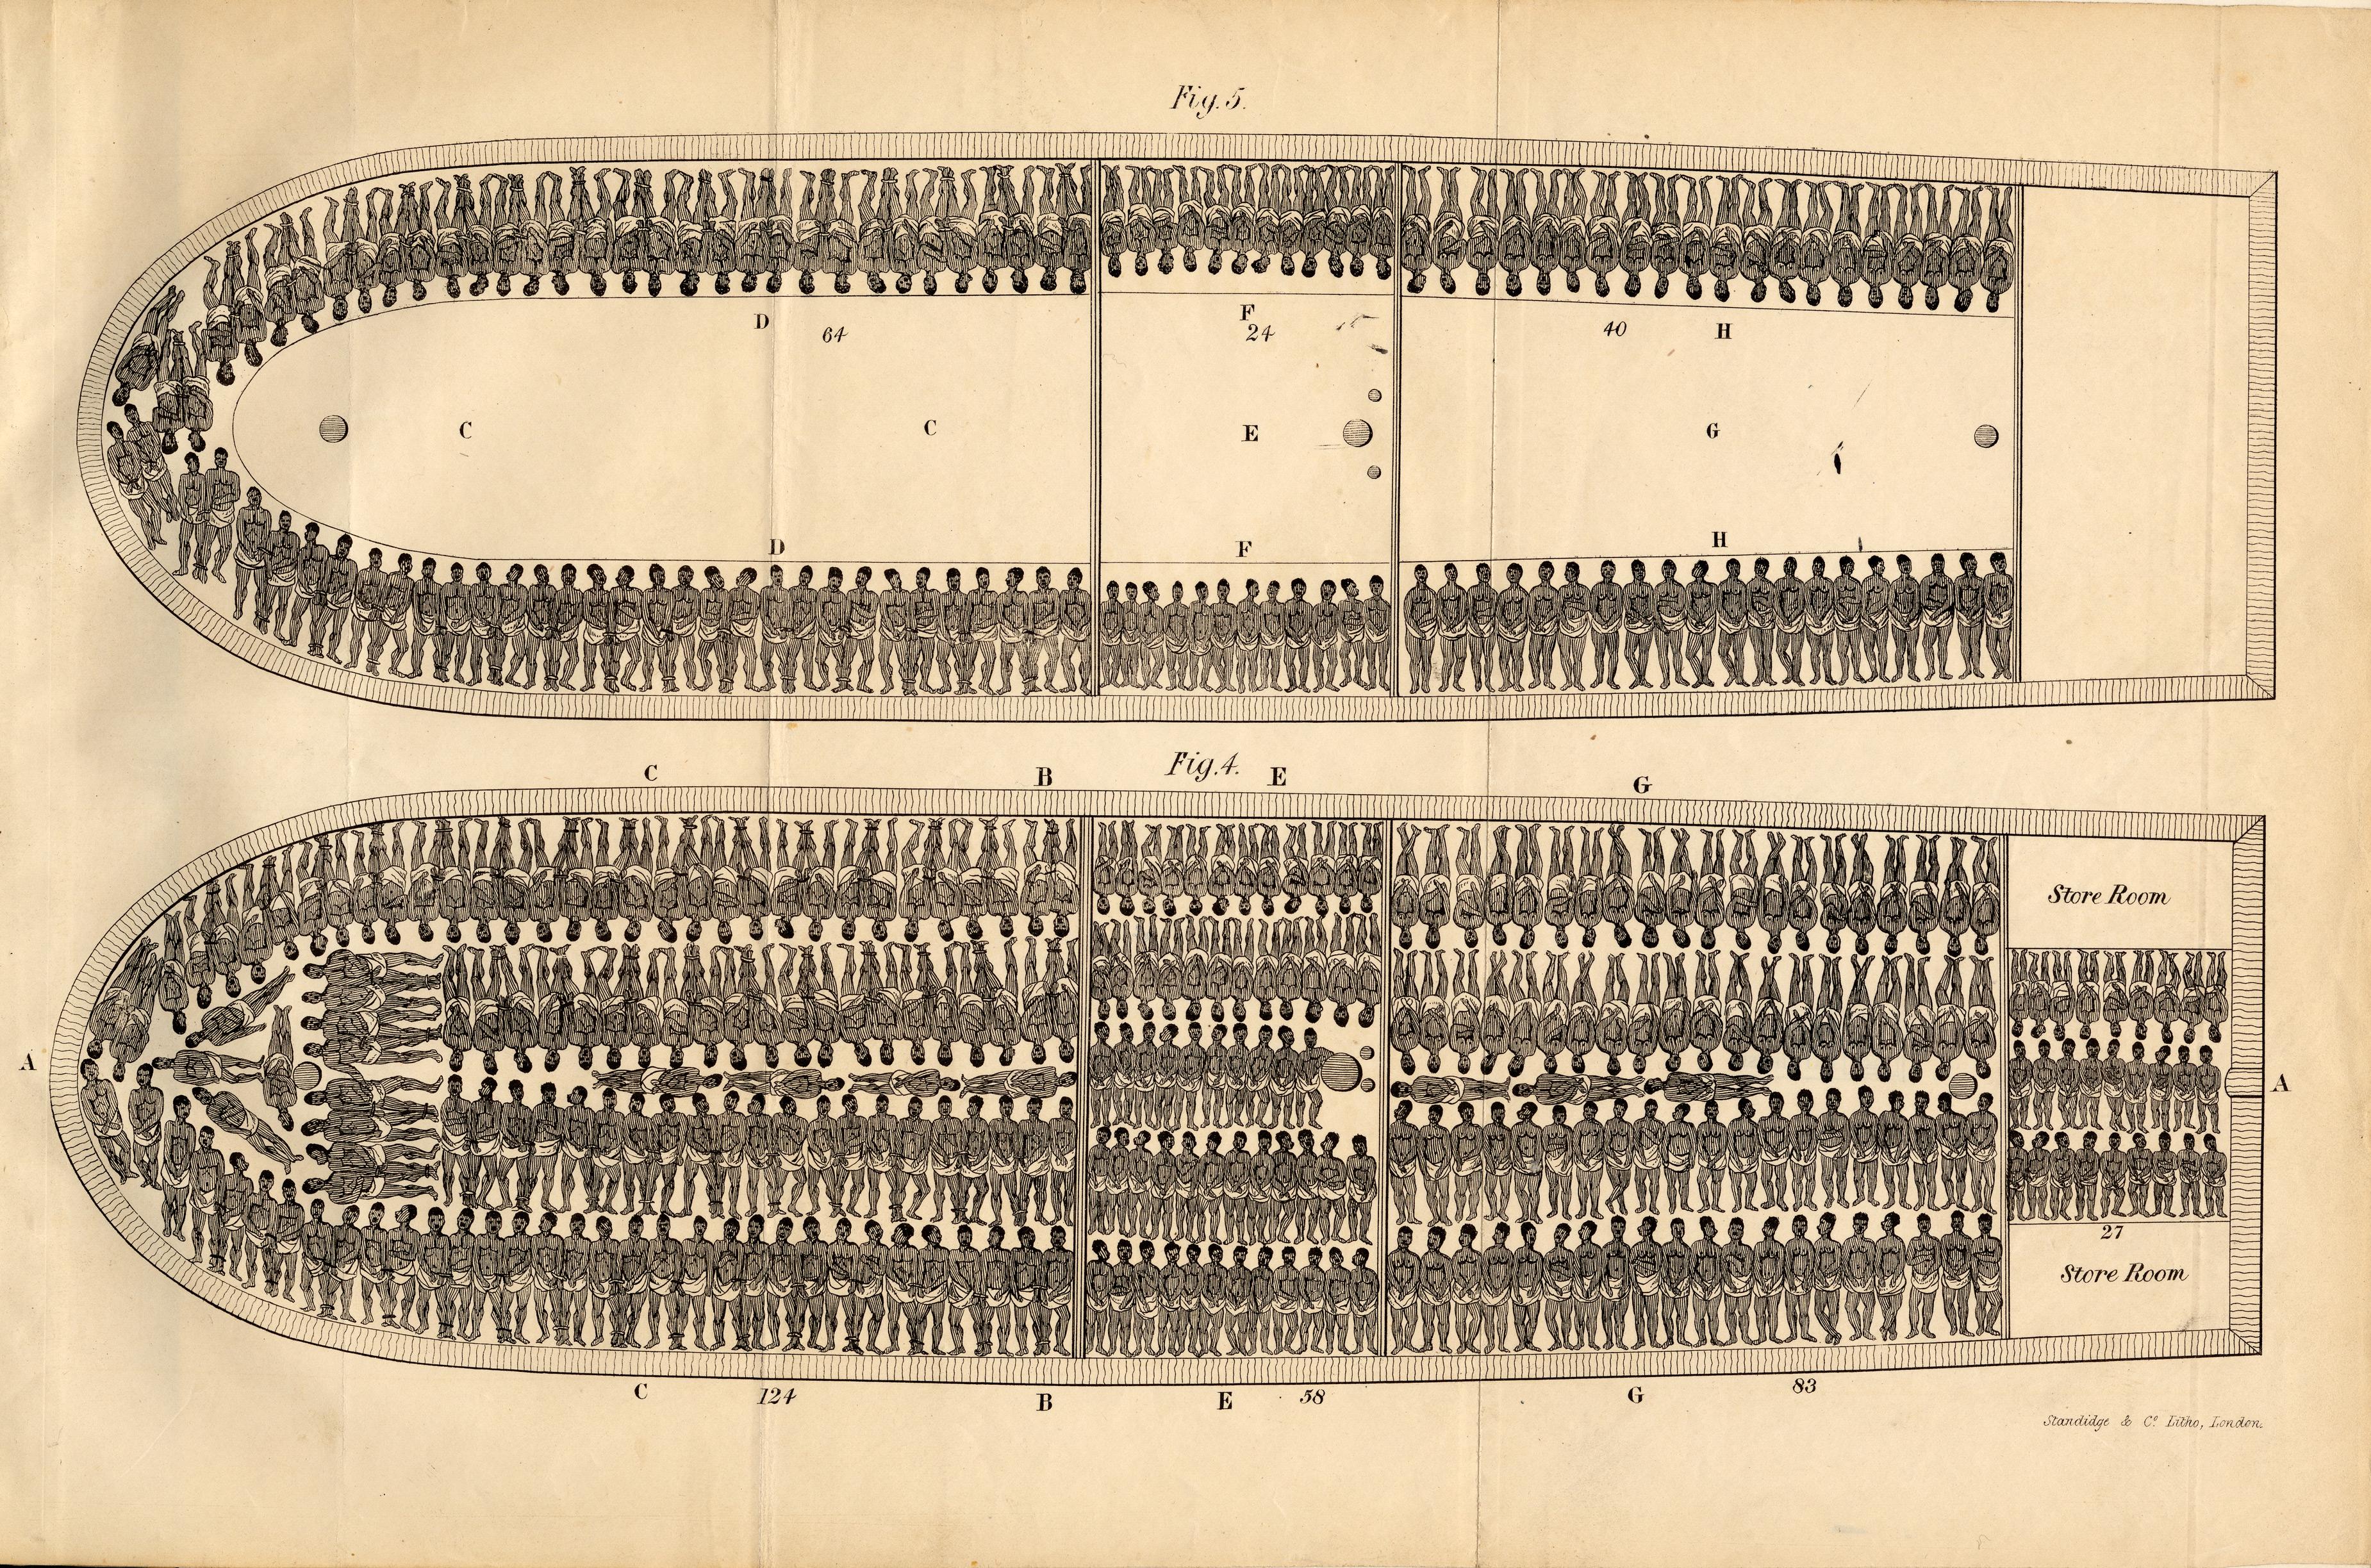 Lasteplan for det engelske slaveskib 'Brooks'. De danske skibe blev lastet tilsvarende. Dansk Vestindisk selskab.